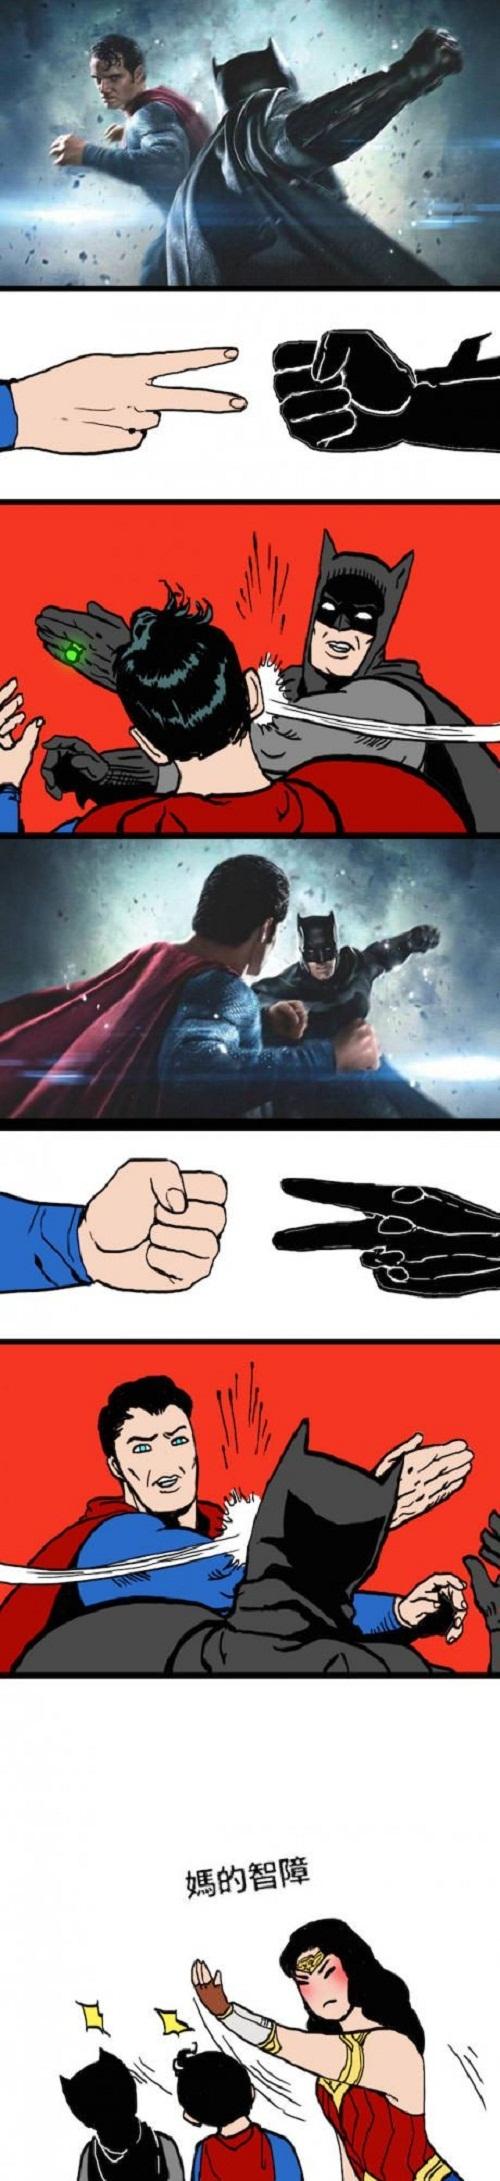 Trận chiến 'gây cấn' của Batman và Superman.